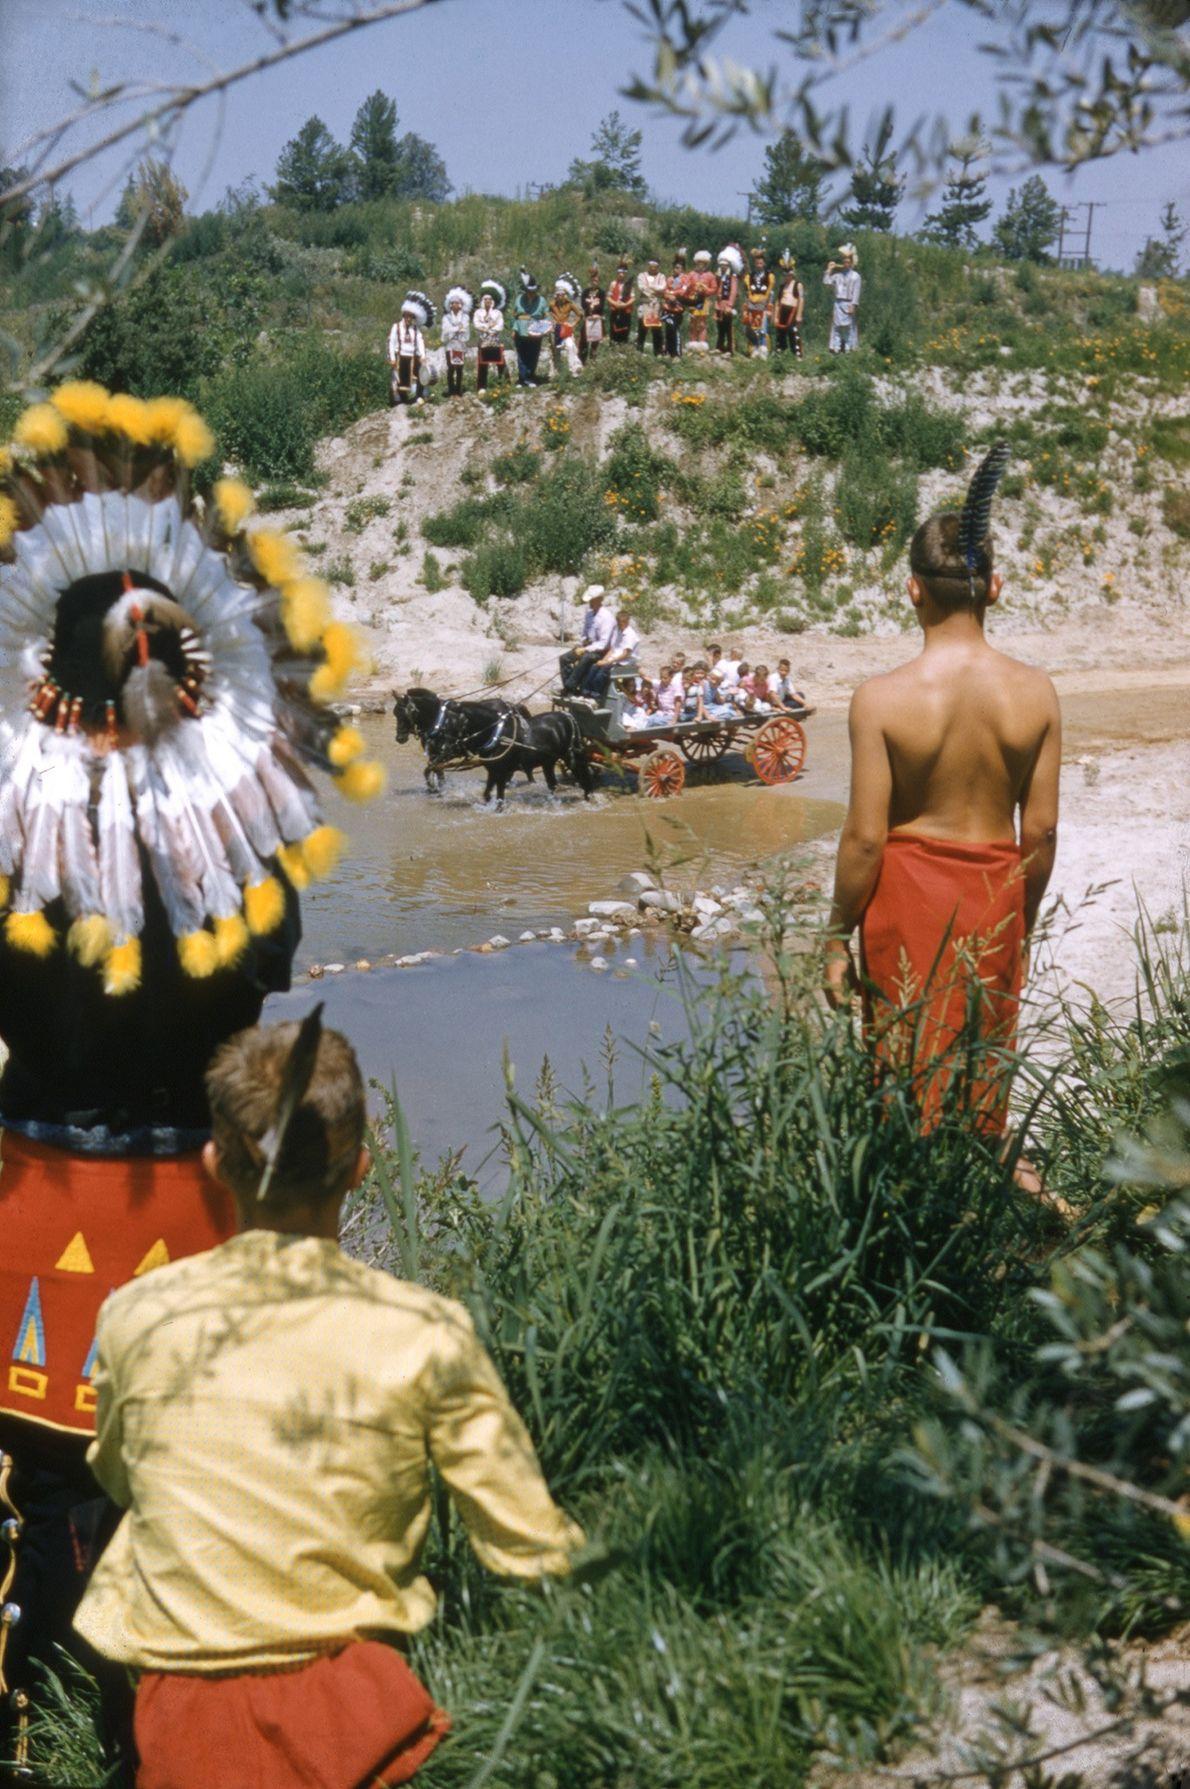 """Als amerikanische Ureinwohner dargestellte Charaktere heißen Besucher 1955 in der """"Painted Desert"""" willkommen. Einige von Disneys ..."""